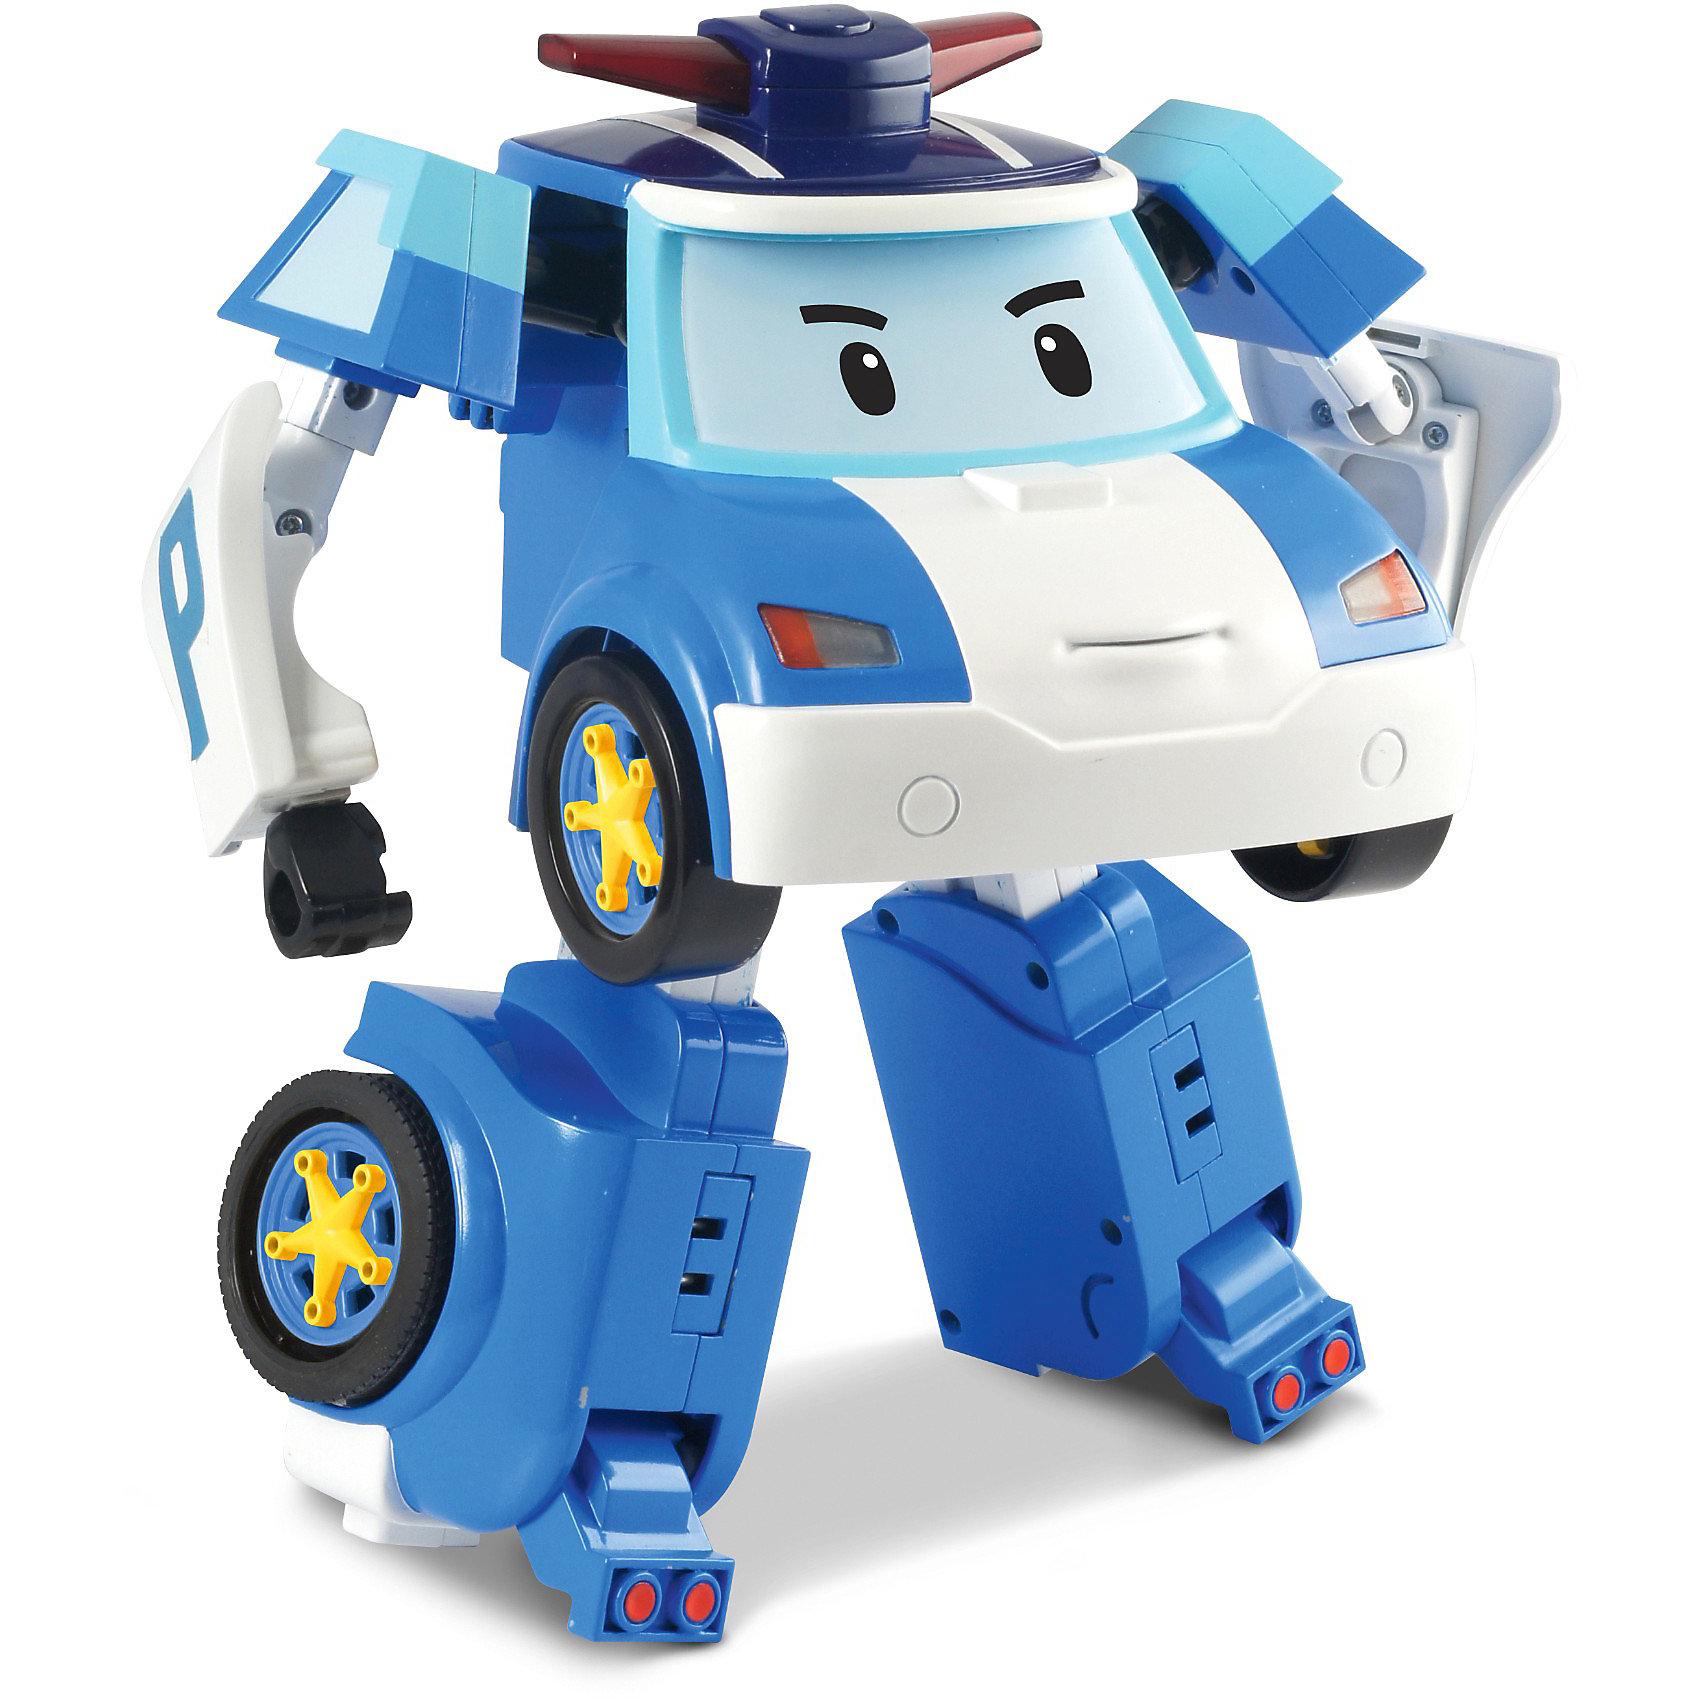 Игрушка Робот трансформер Поли, р/у, 31 см, Робокар ПолиИдеи подарков<br>Робот – трансформер Поли на радиоуправлении - добрый и смелый полицейский Поли из полюбившегося мультфильмаРобокар Поли и его друзья готов всегда прийти на помощь. Управлять им очень легко: кнопки большого размера необыкновенно удобны для ребенка от 3 лет.<br>Игрушка прекрасно развивает логику и реакцию, воображение, умение рассчитывать свои действия и получать результат, анализировать причины неудач, а также обучает навыкам обращения с предметами в движении.<br>Если ребенок играет с другом, игрушка будет способствовать развитию речи, умению активно общаться.<br><br>Дополнительная информация:<br><br>- размер коробки (длн-шрн-вст): 33 х 18 х 35.5 см. <br>- высота игрушки: 31 см.<br>- управляется при  помощи пульта дистанционного управления.<br>- управляется дистанционно в форме машины<br>- полицейская машина легко трансформируется в робота.<br>- движения машины разнообразны: вперед, назад, вправо, влево.<br>- при трансформации в робота издает звуки сирены и 3 мелодии.<br>- звуковые эффекты сопровождаются мигалкой и подсветкой фар.<br><br> В игровой набор входят: <br>- робот-трансформер Поли<br>- пульт дистанционного управления<br>- аксессуары для робота: фонарик, дрель, пила, световой жезл.<br>- Элементы питания: 4 батарейки типа AAA и 1 батарейка 6LR61-9V (приобретаются отдельно).<br>- Игрушка выполнена из высококачественного пластика.<br><br>Игрушку Робот трансформер Поли, на радиоуправлении, 31 см, Robocar Poli можно купить в нашем магазине.<br><br>Ширина мм: 366<br>Глубина мм: 337<br>Высота мм: 182<br>Вес г: 1413<br>Возраст от месяцев: 36<br>Возраст до месяцев: 66<br>Пол: Мужской<br>Возраст: Детский<br>SKU: 3439336